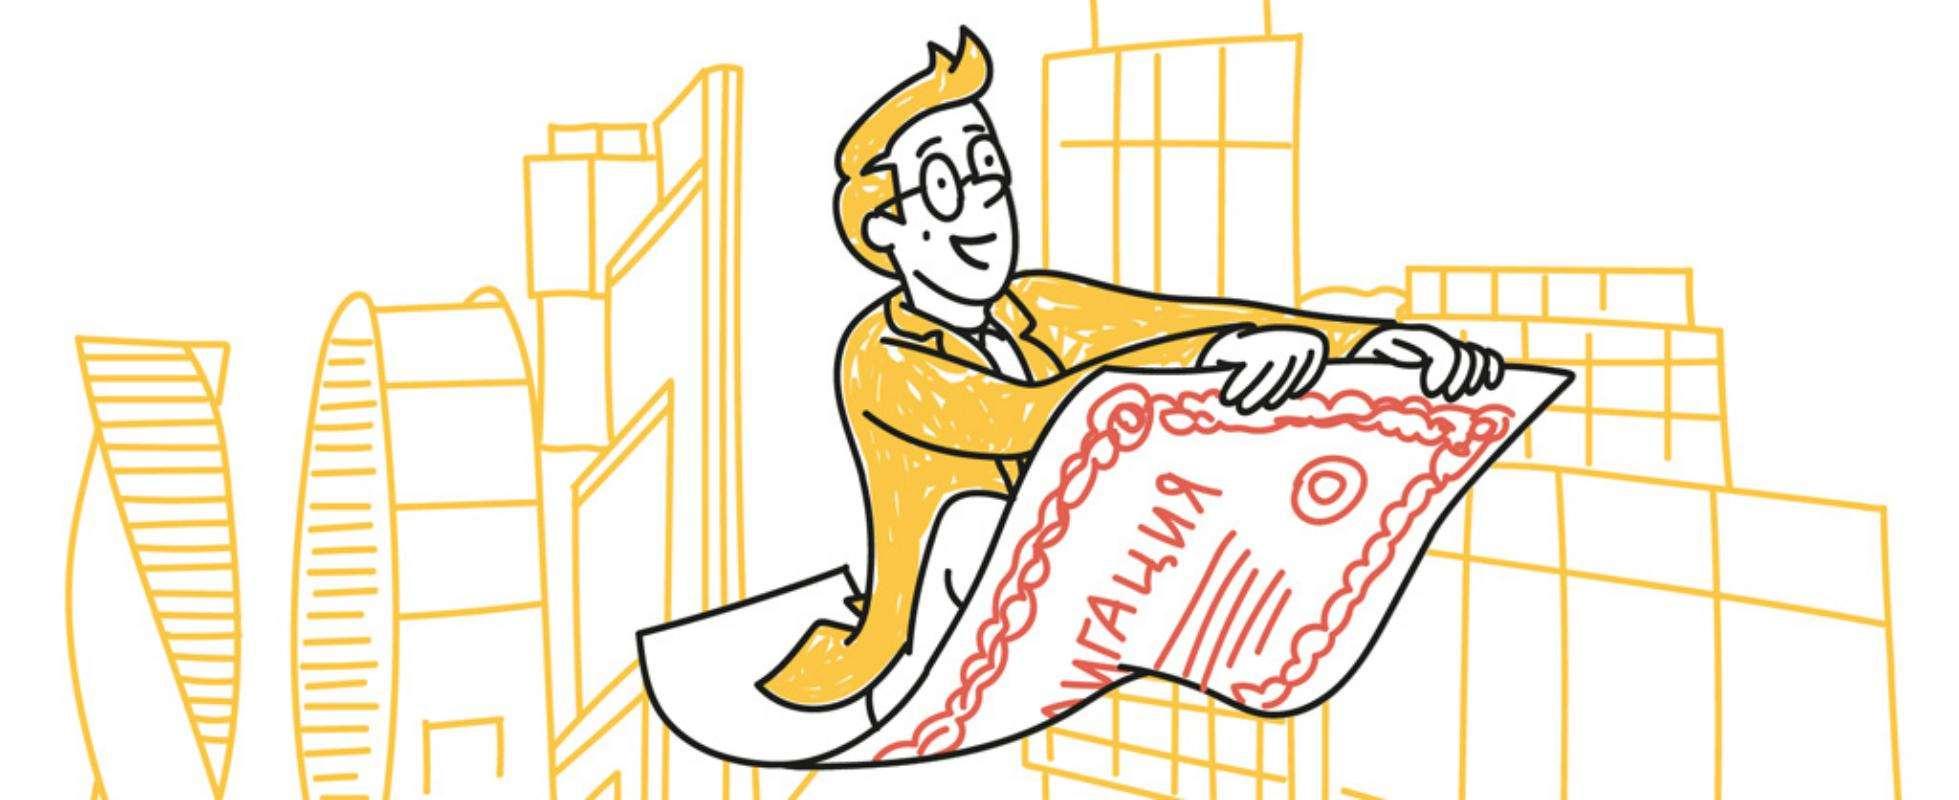 Доход от облигаций, как разбогатеть, инвестируя в ценные бумаги, доходы в кризис